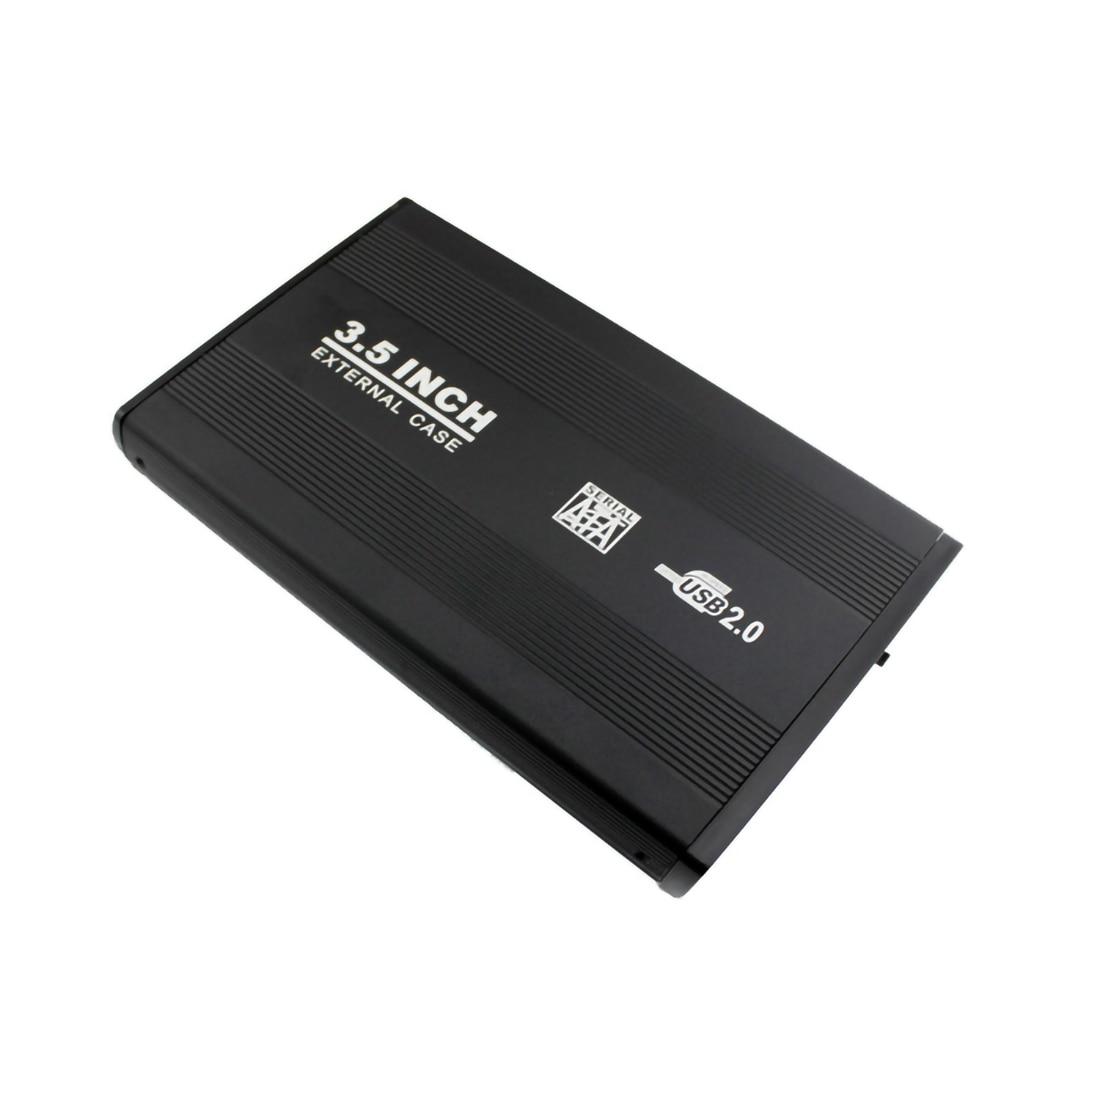 2,5/3,5 дюймов USB 3,0 5 Гбит/с для SATA порт SSD жесткий диск Корпус USB 2,0 480 Мбит/с HDD корпус внешний твердотельный жесткий диск коробка